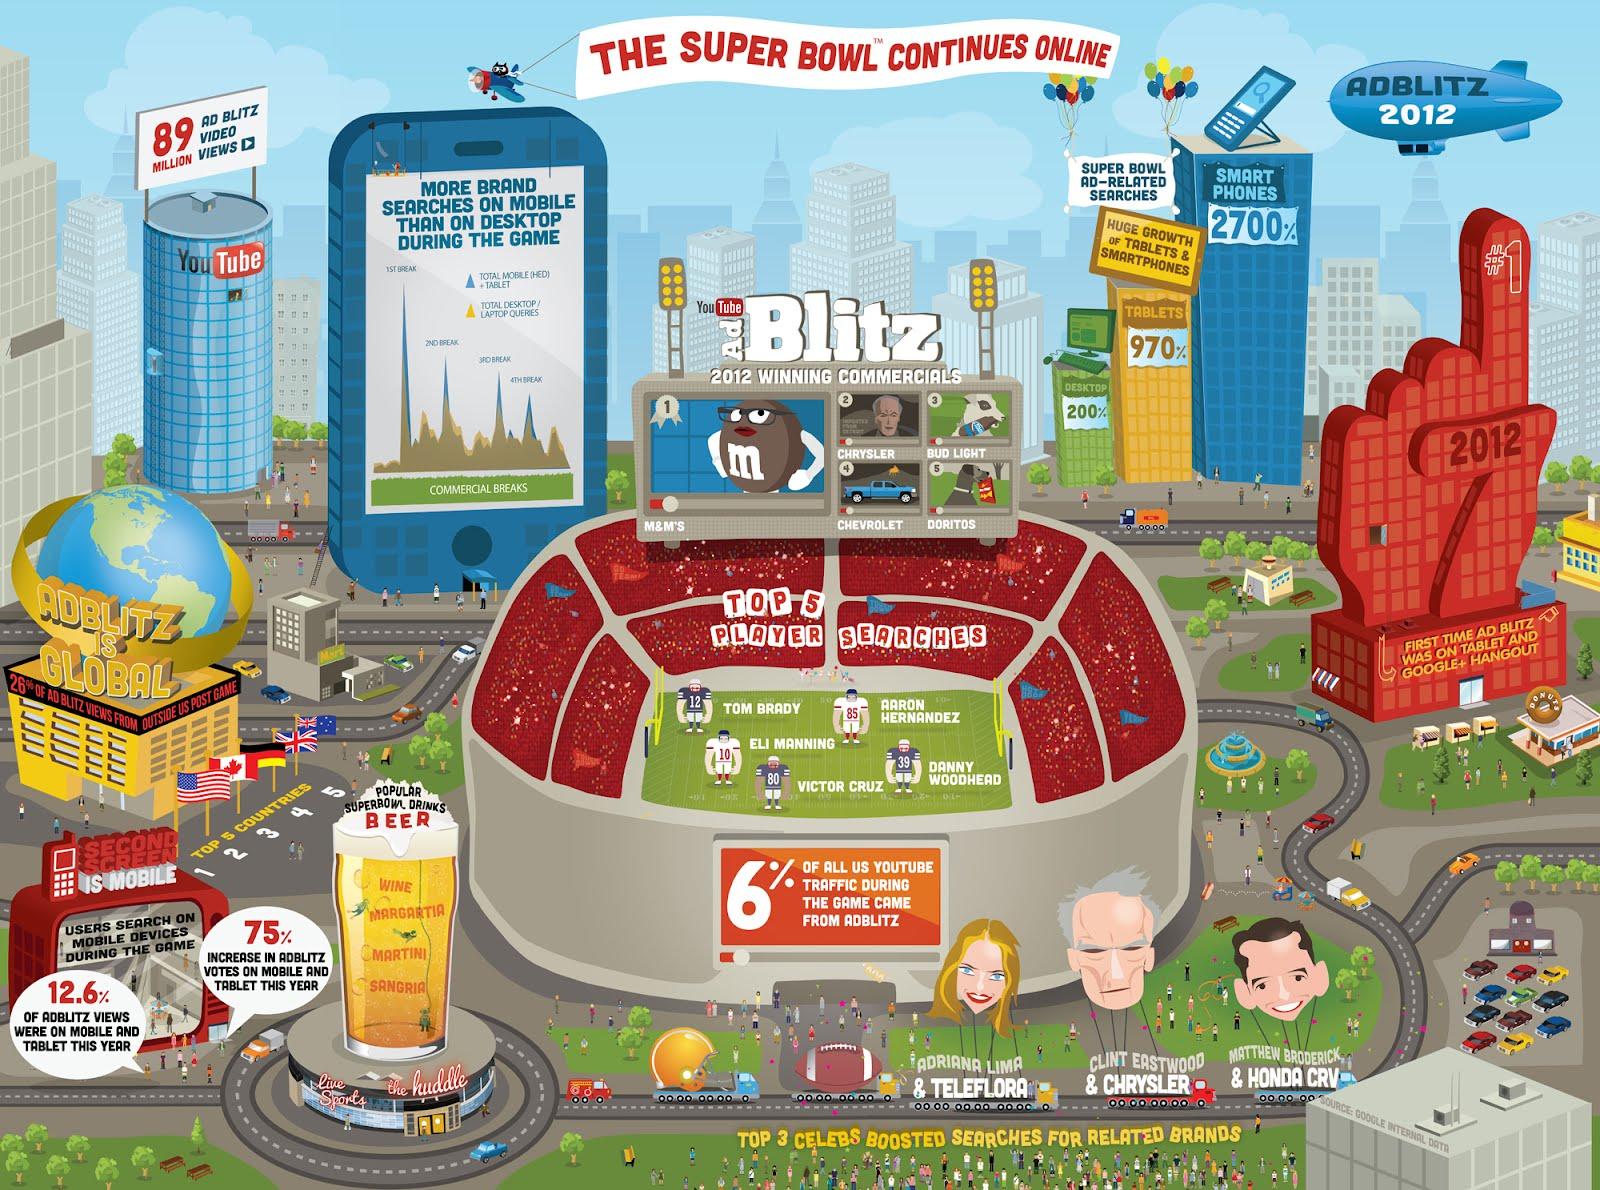 http://4.bp.blogspot.com/-3qOH7oVedgs/T2KbwTJCVmI/AAAAAAAAAH0/rJRbj5Wuxcw/s1600/ablitz_infographic_WF_v21_final%2BML%2Bfinal%2Bfinal.jpg